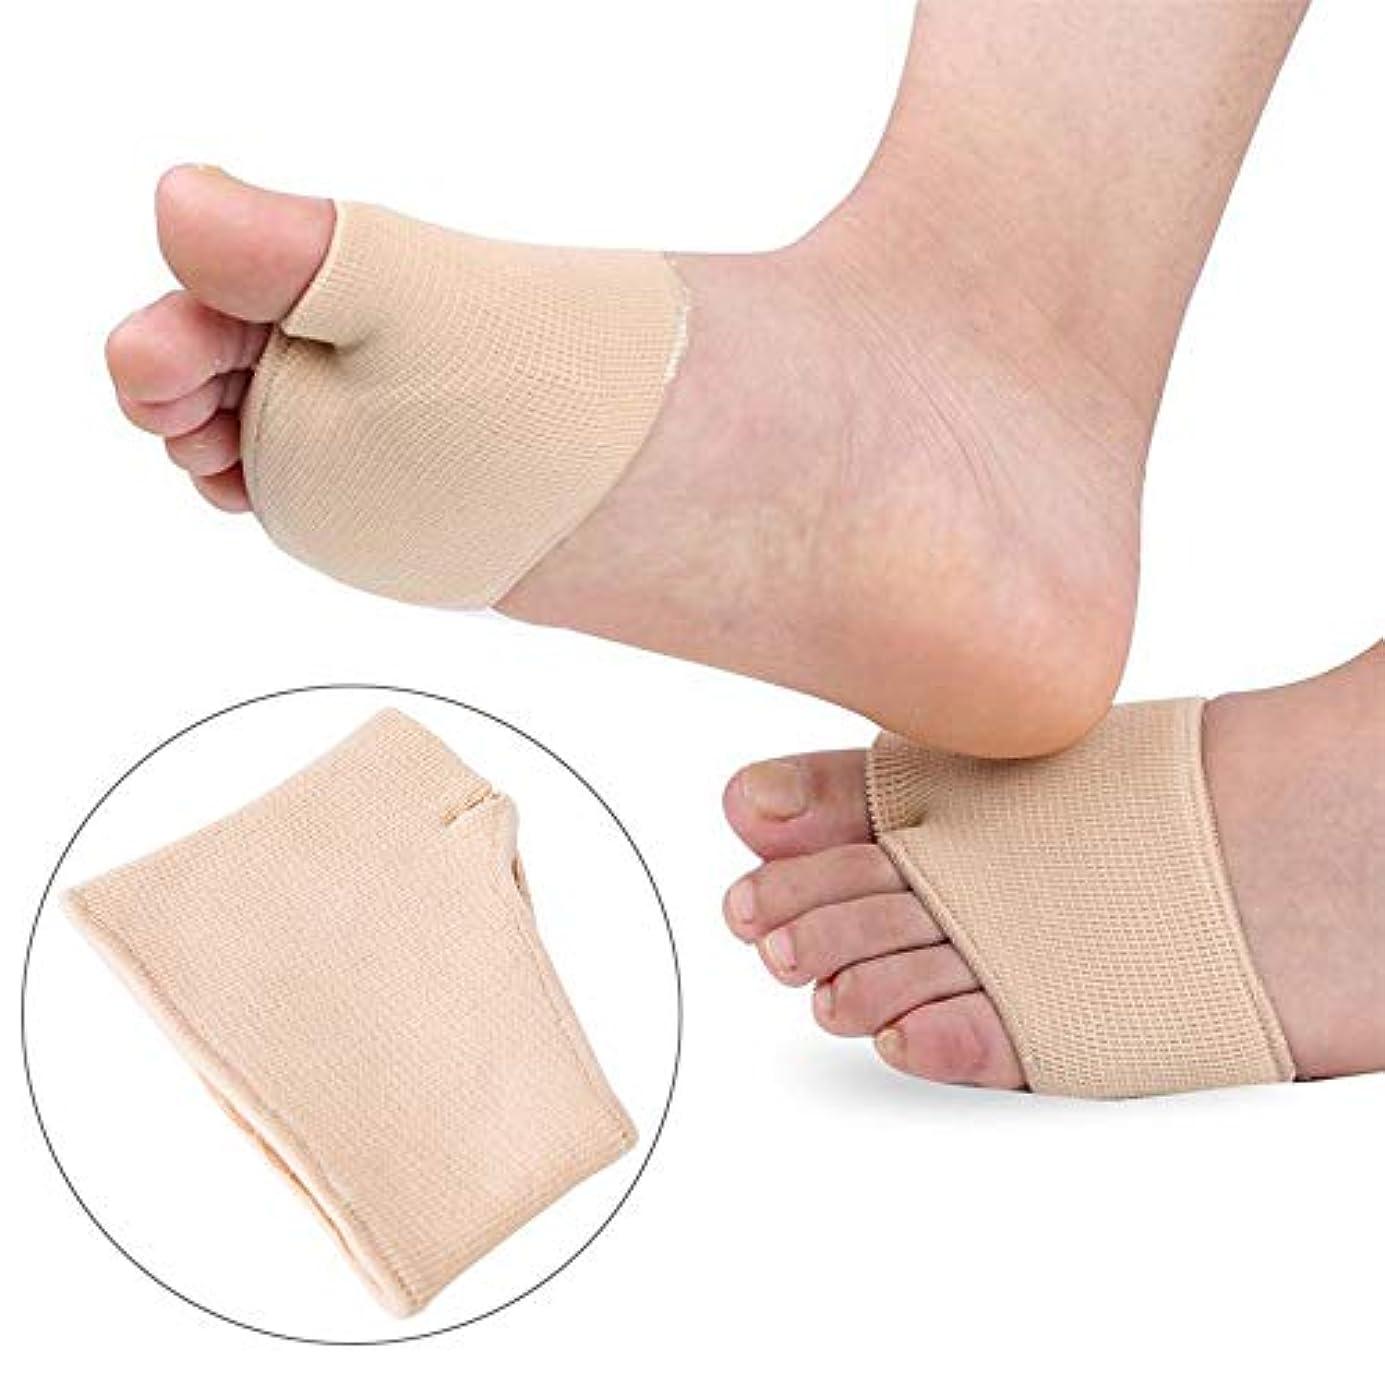 指定する乱用慣性2ペア中足クッションシリコーンゲルパッド足の痛み前足靴インソールつま先,S